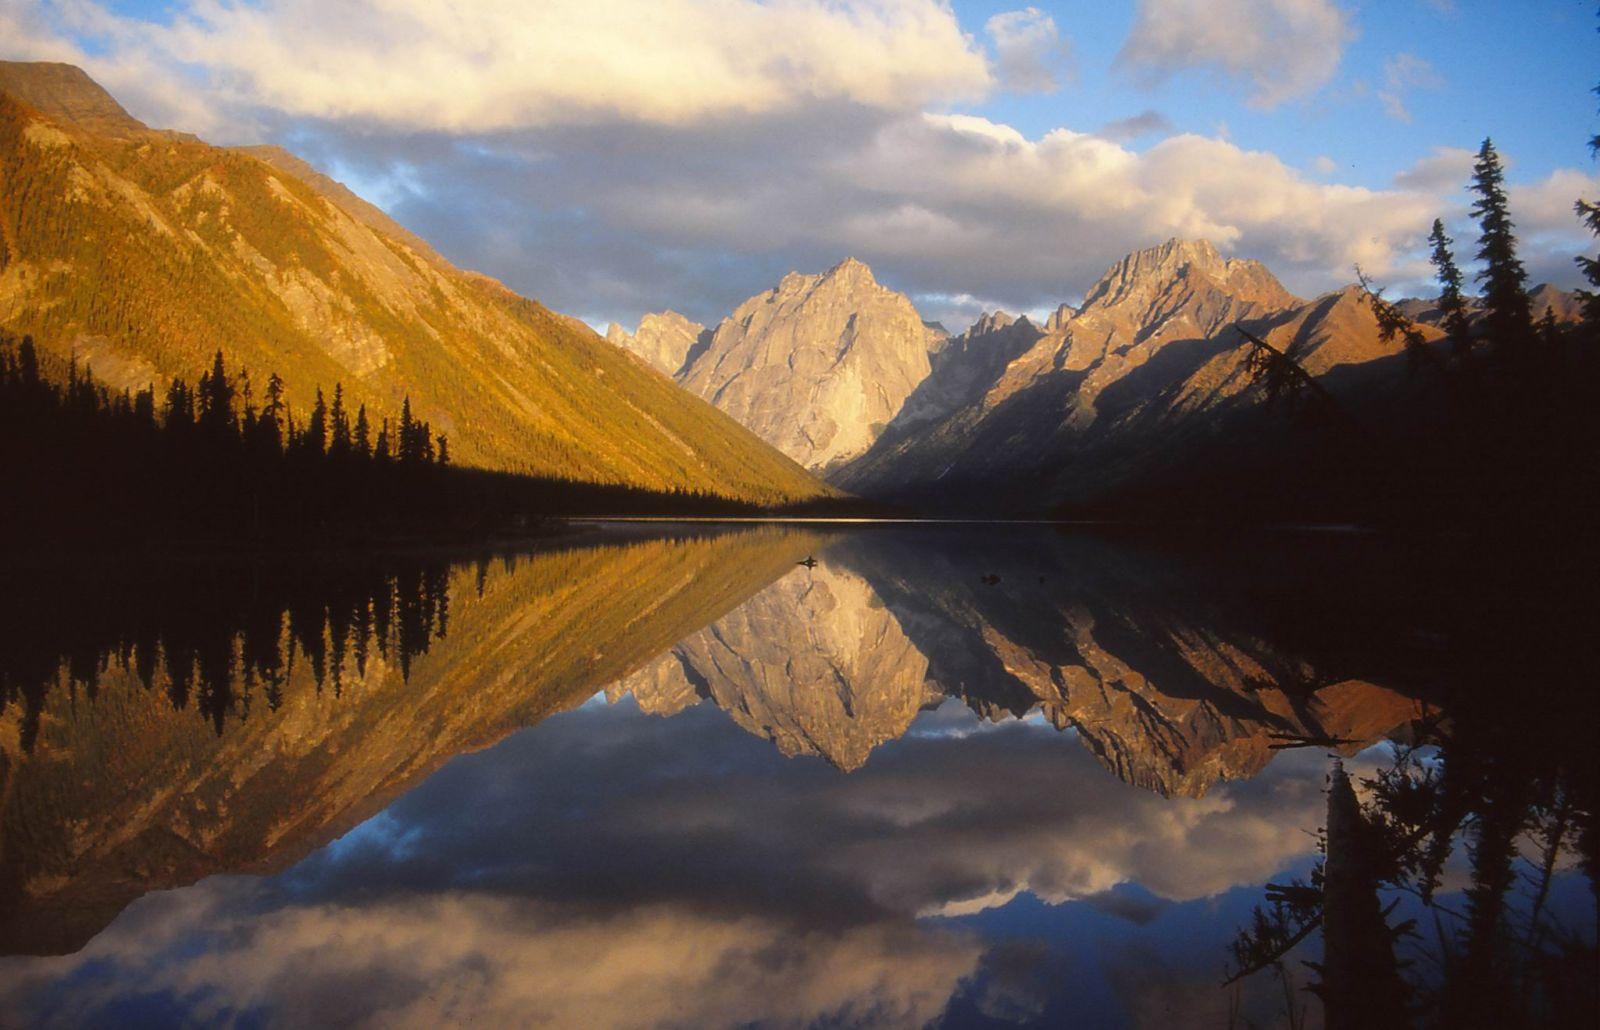 Khám phá những điểm đến làm níu chân du khách ở Canada